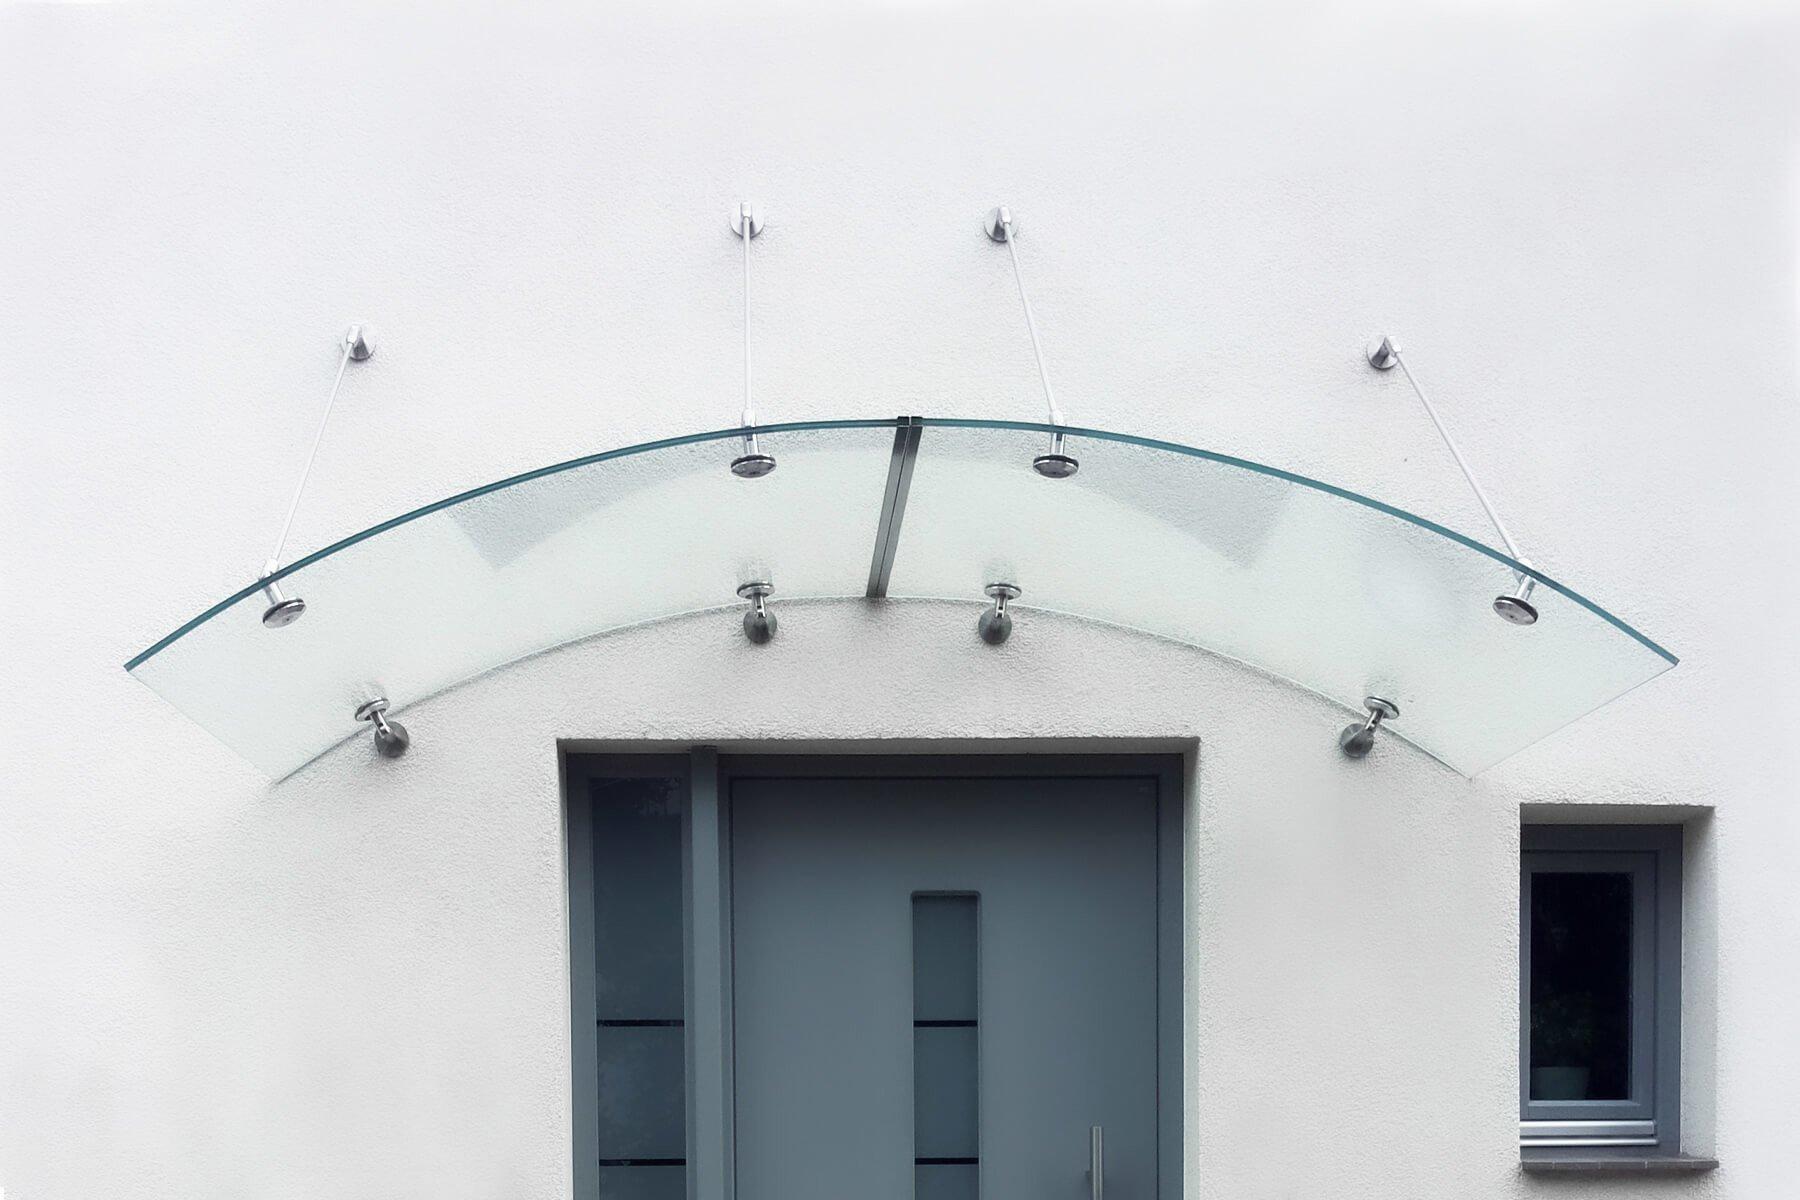 referenzbild-rundbogenvordach-mit-seitenwindschutz